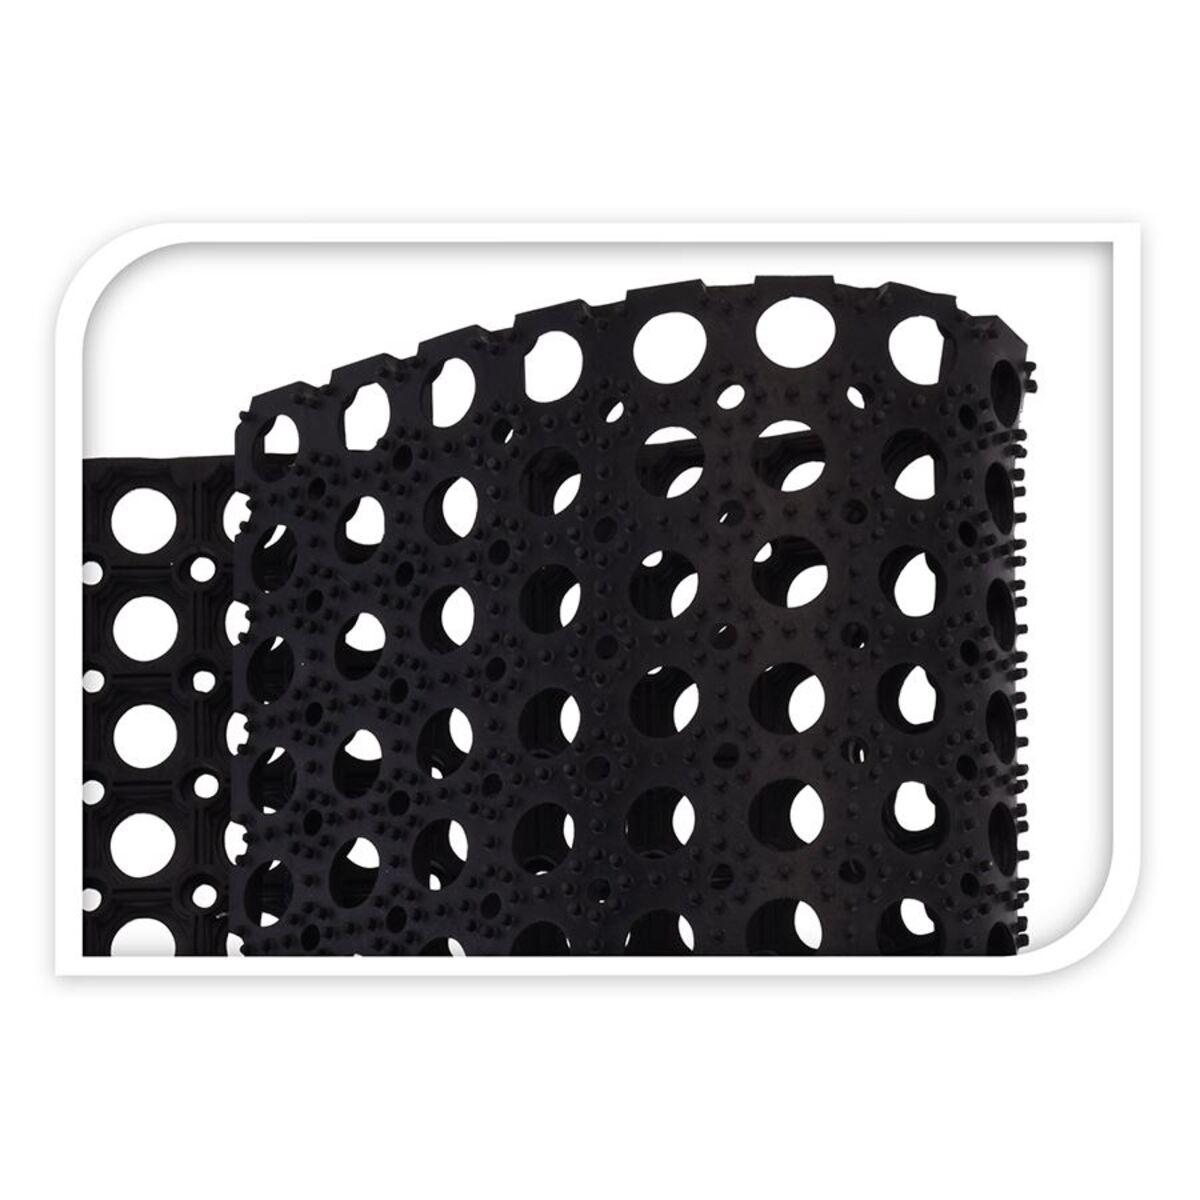 Bild 3 von Gummi-Türmatte 120x80x1,2cm Schwarz